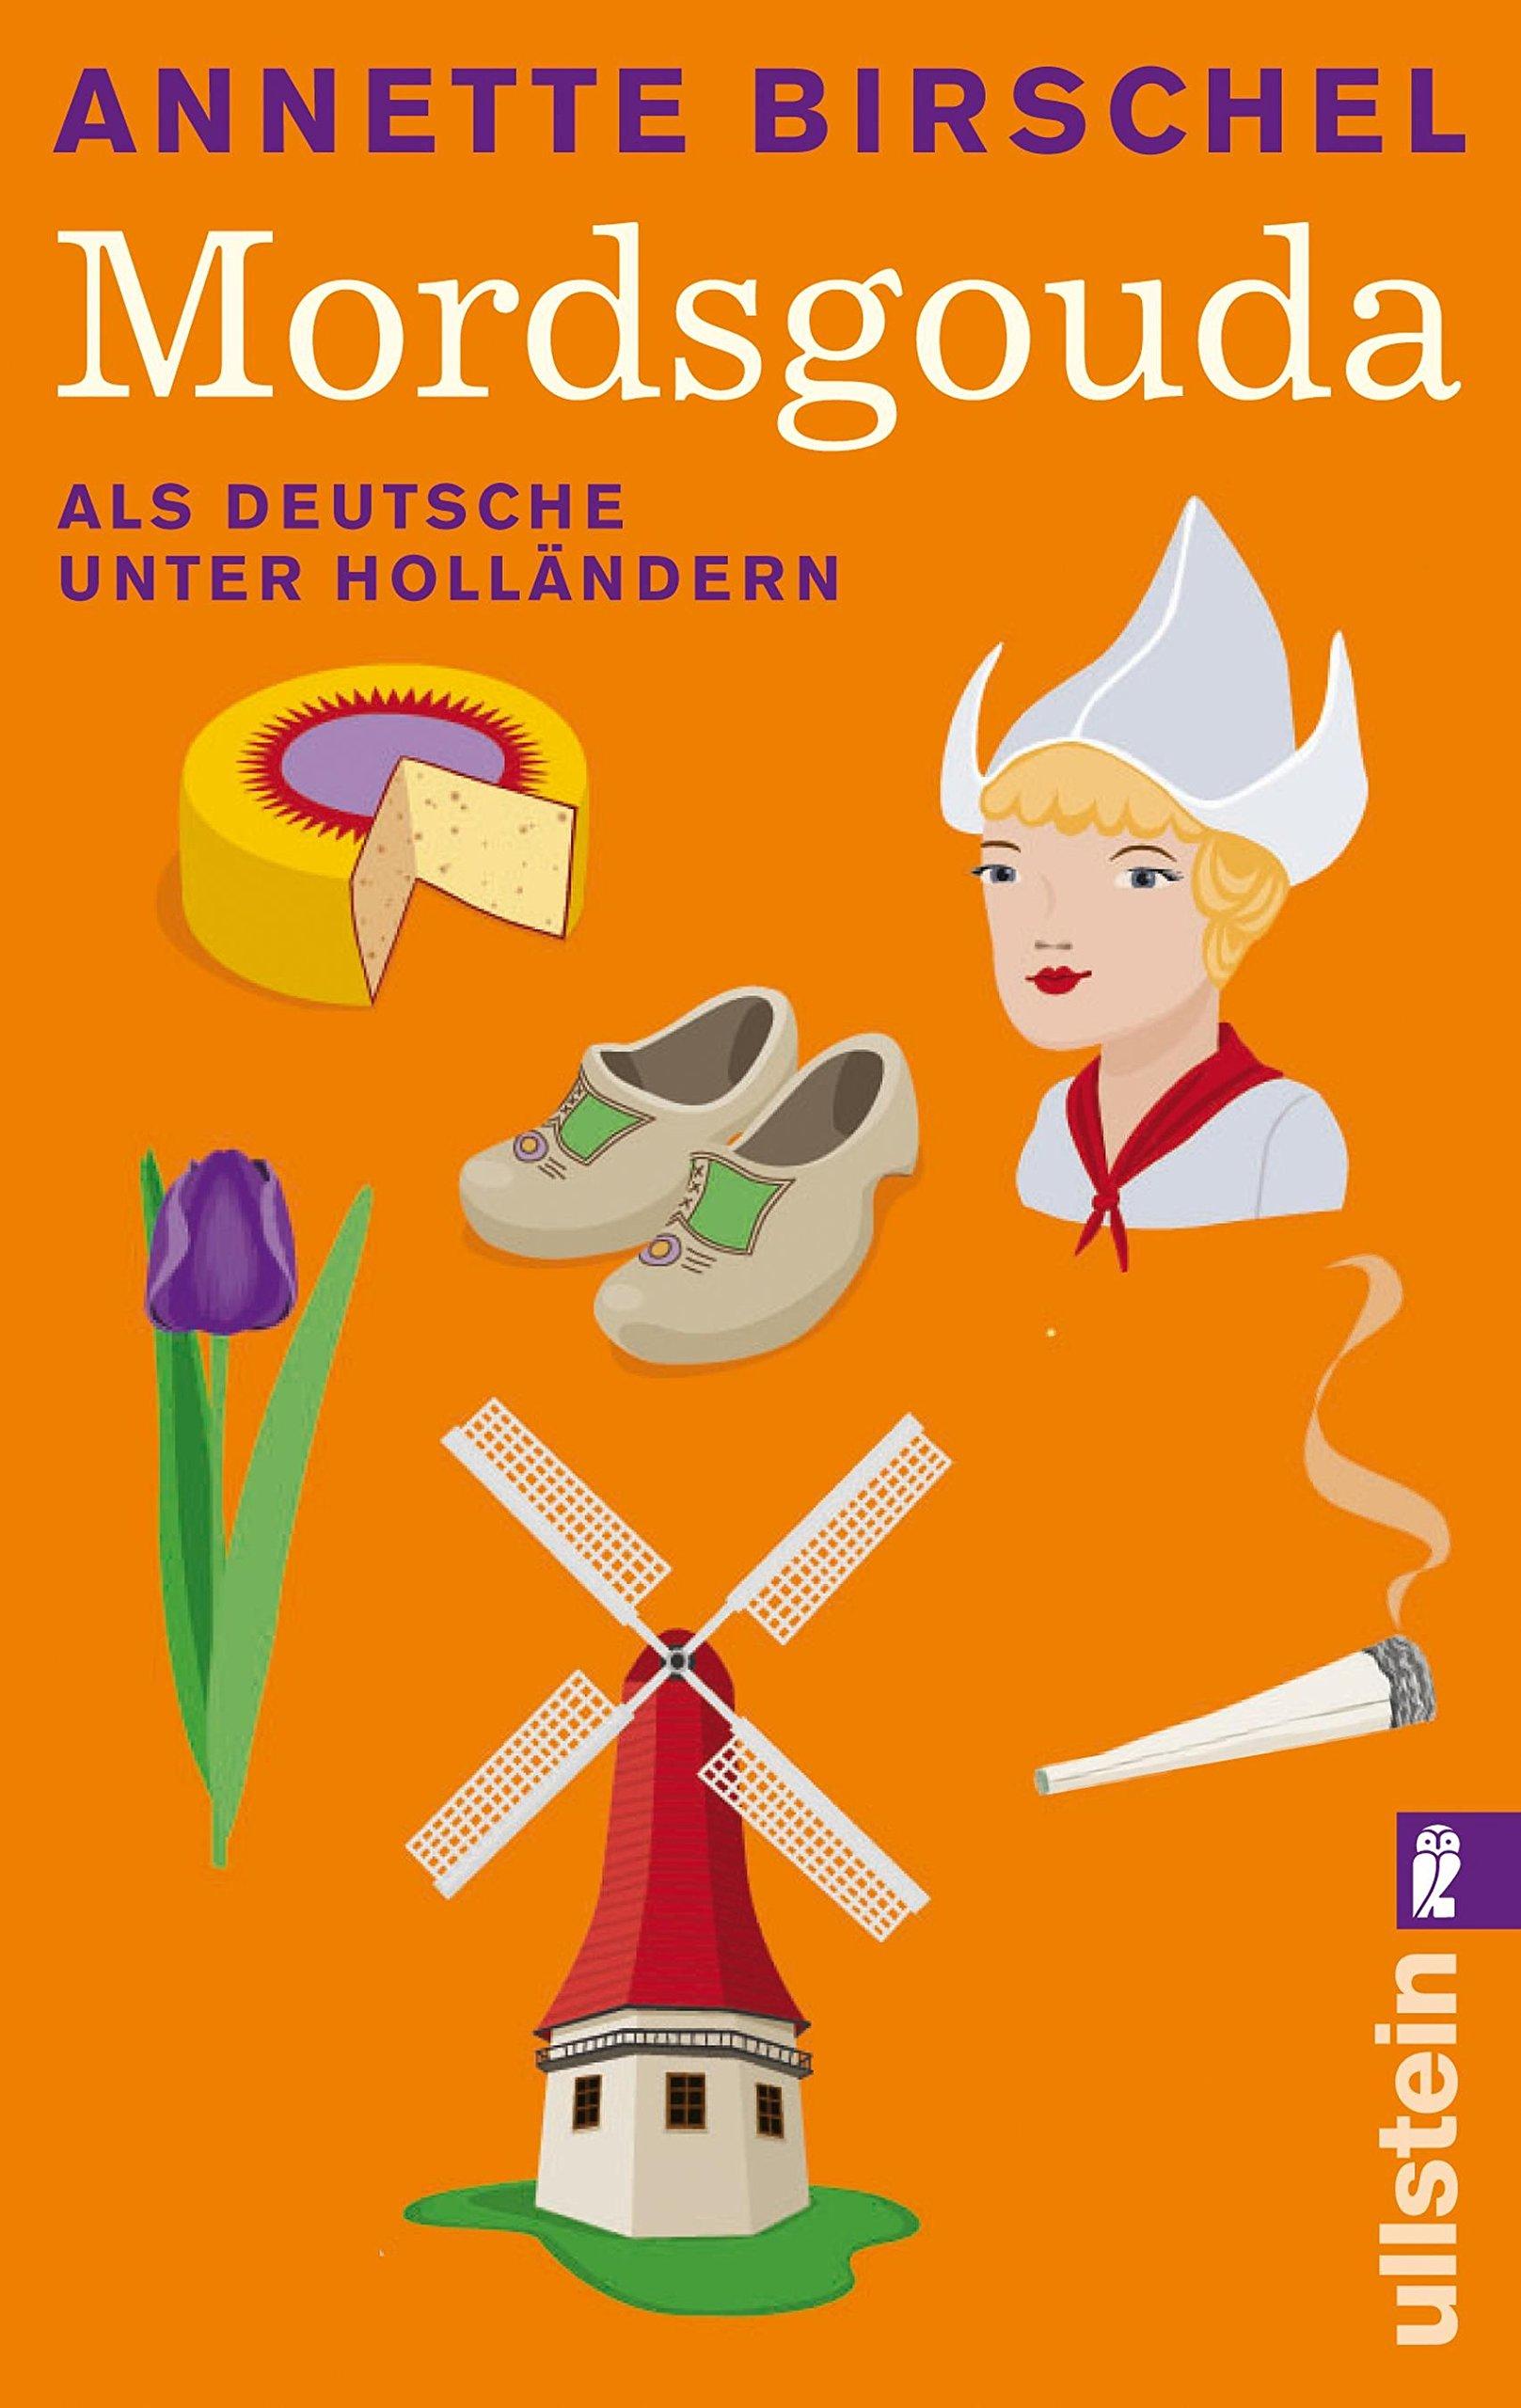 Mordsgouda: Als Deutsche unter Holländern